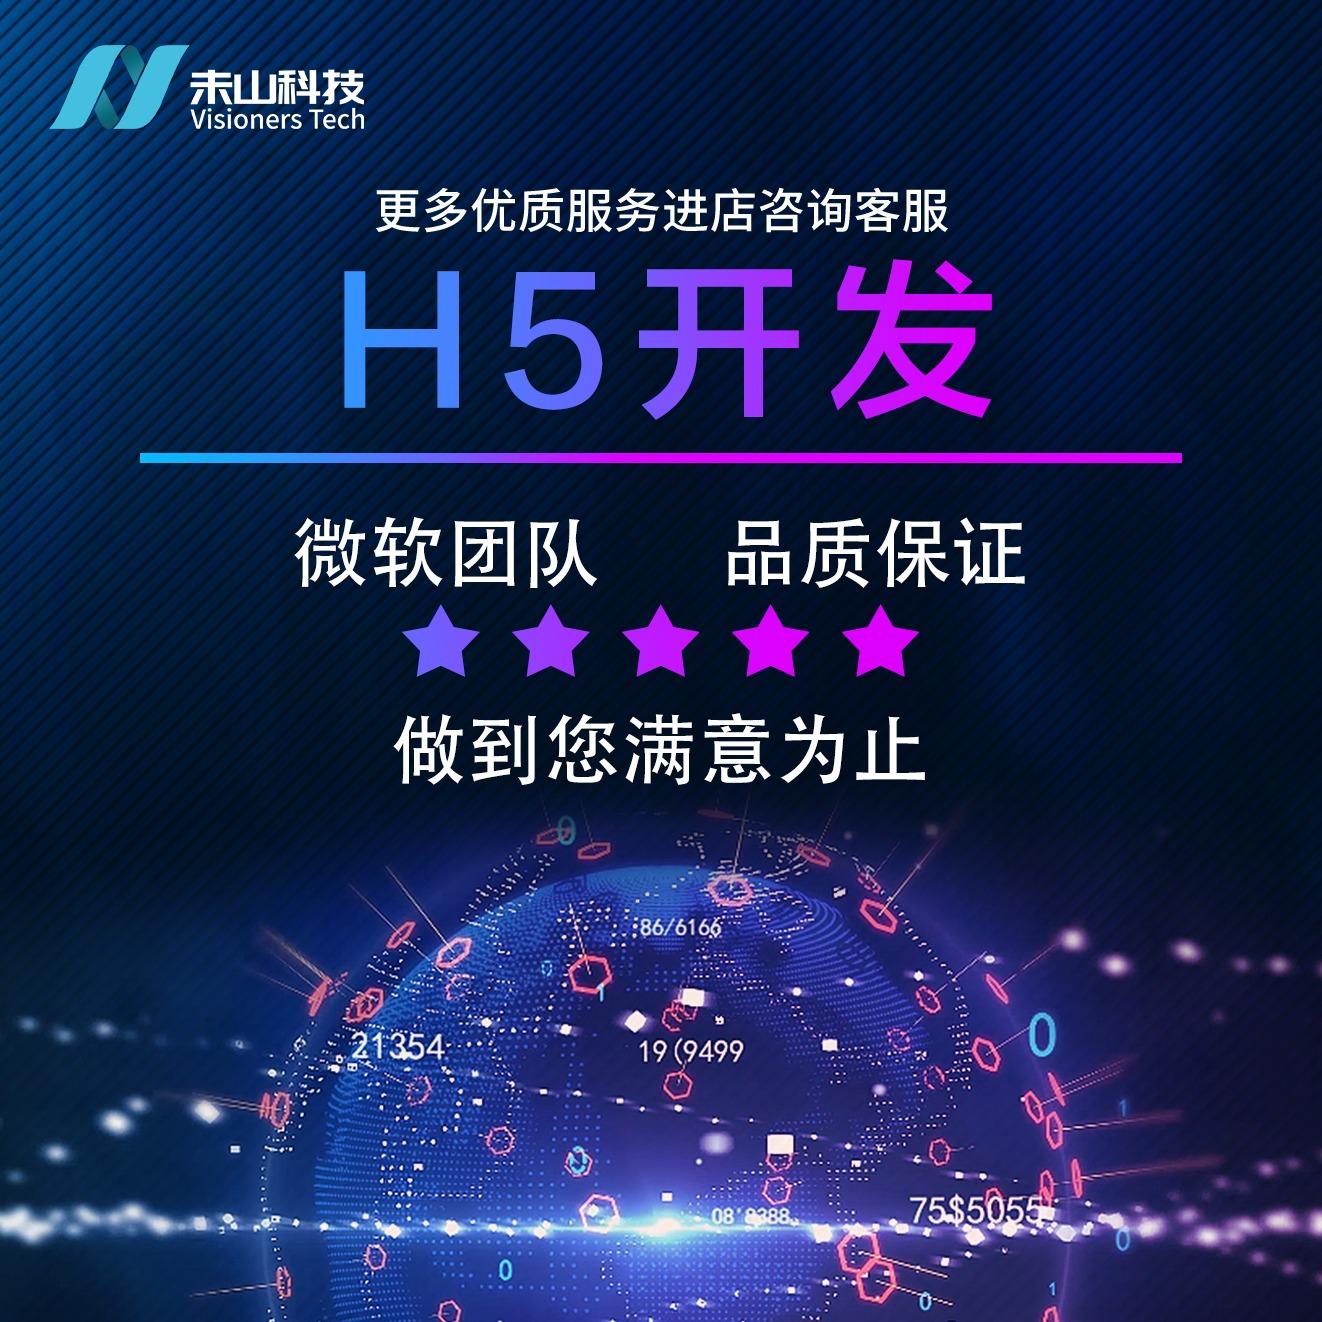 H5开发/H5设计/H5游戏/H5活动/H5商城/微信商城